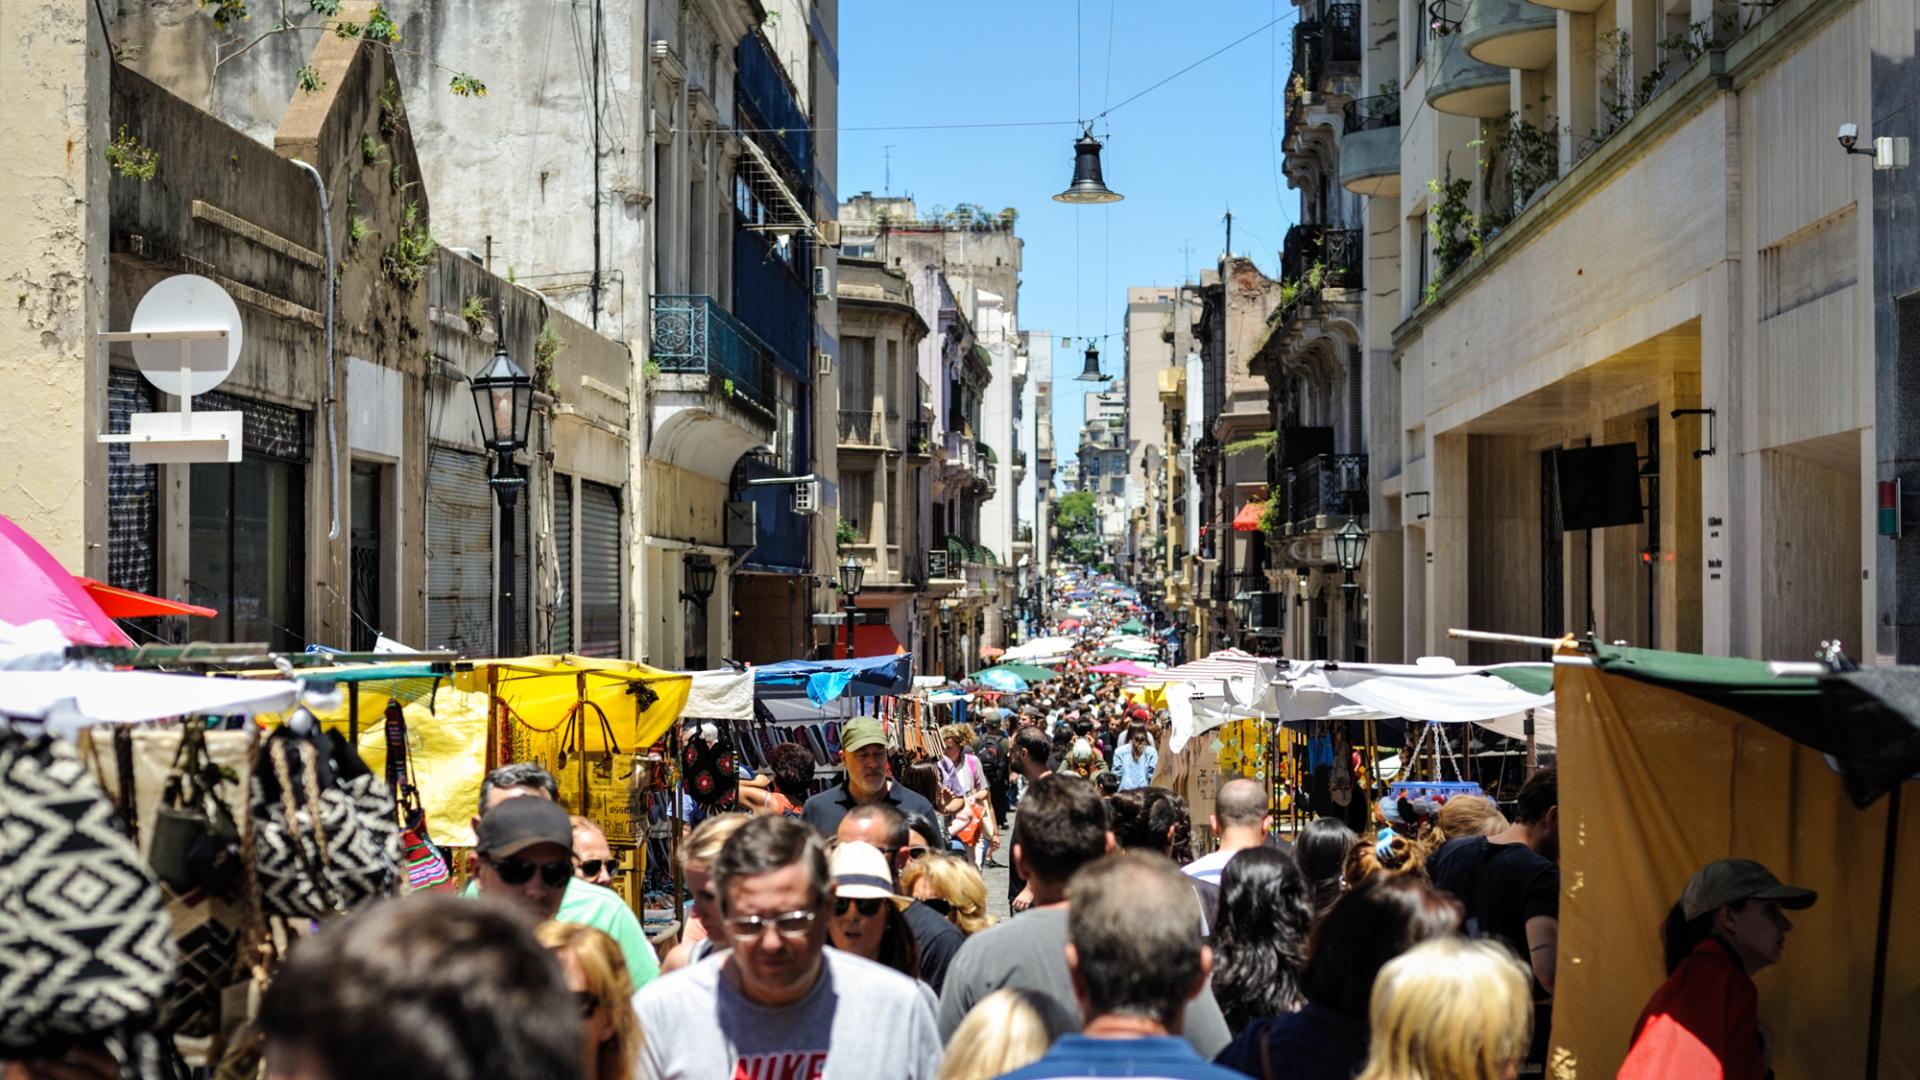 Chỉ họp vào Chủ nhật, phiên chợ chuyên bán đồ cổ và thủ công mỹ nghệ đậm chất Argentina khiến nhiều người không thể bỏ lỡ - Ảnh 3.